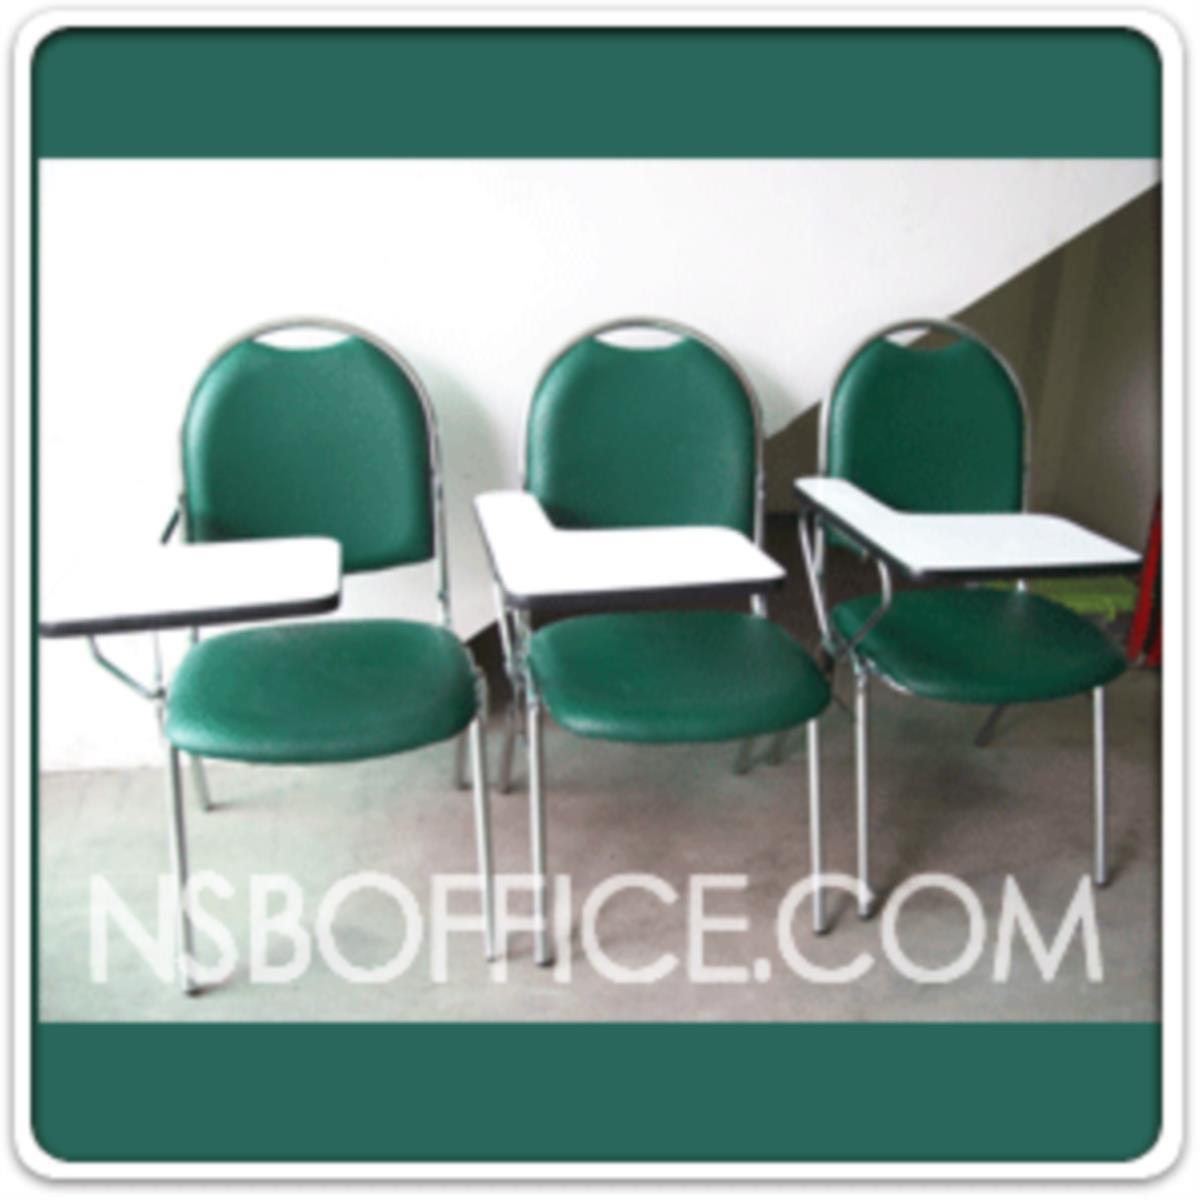 เก้าอี้เลคเชอร์หุ้มหนังเทียม (PVC) รุ่น CL-100 ขาเหล็กชุบโครเมี่ยมและขาเหล็กพ่นดำ